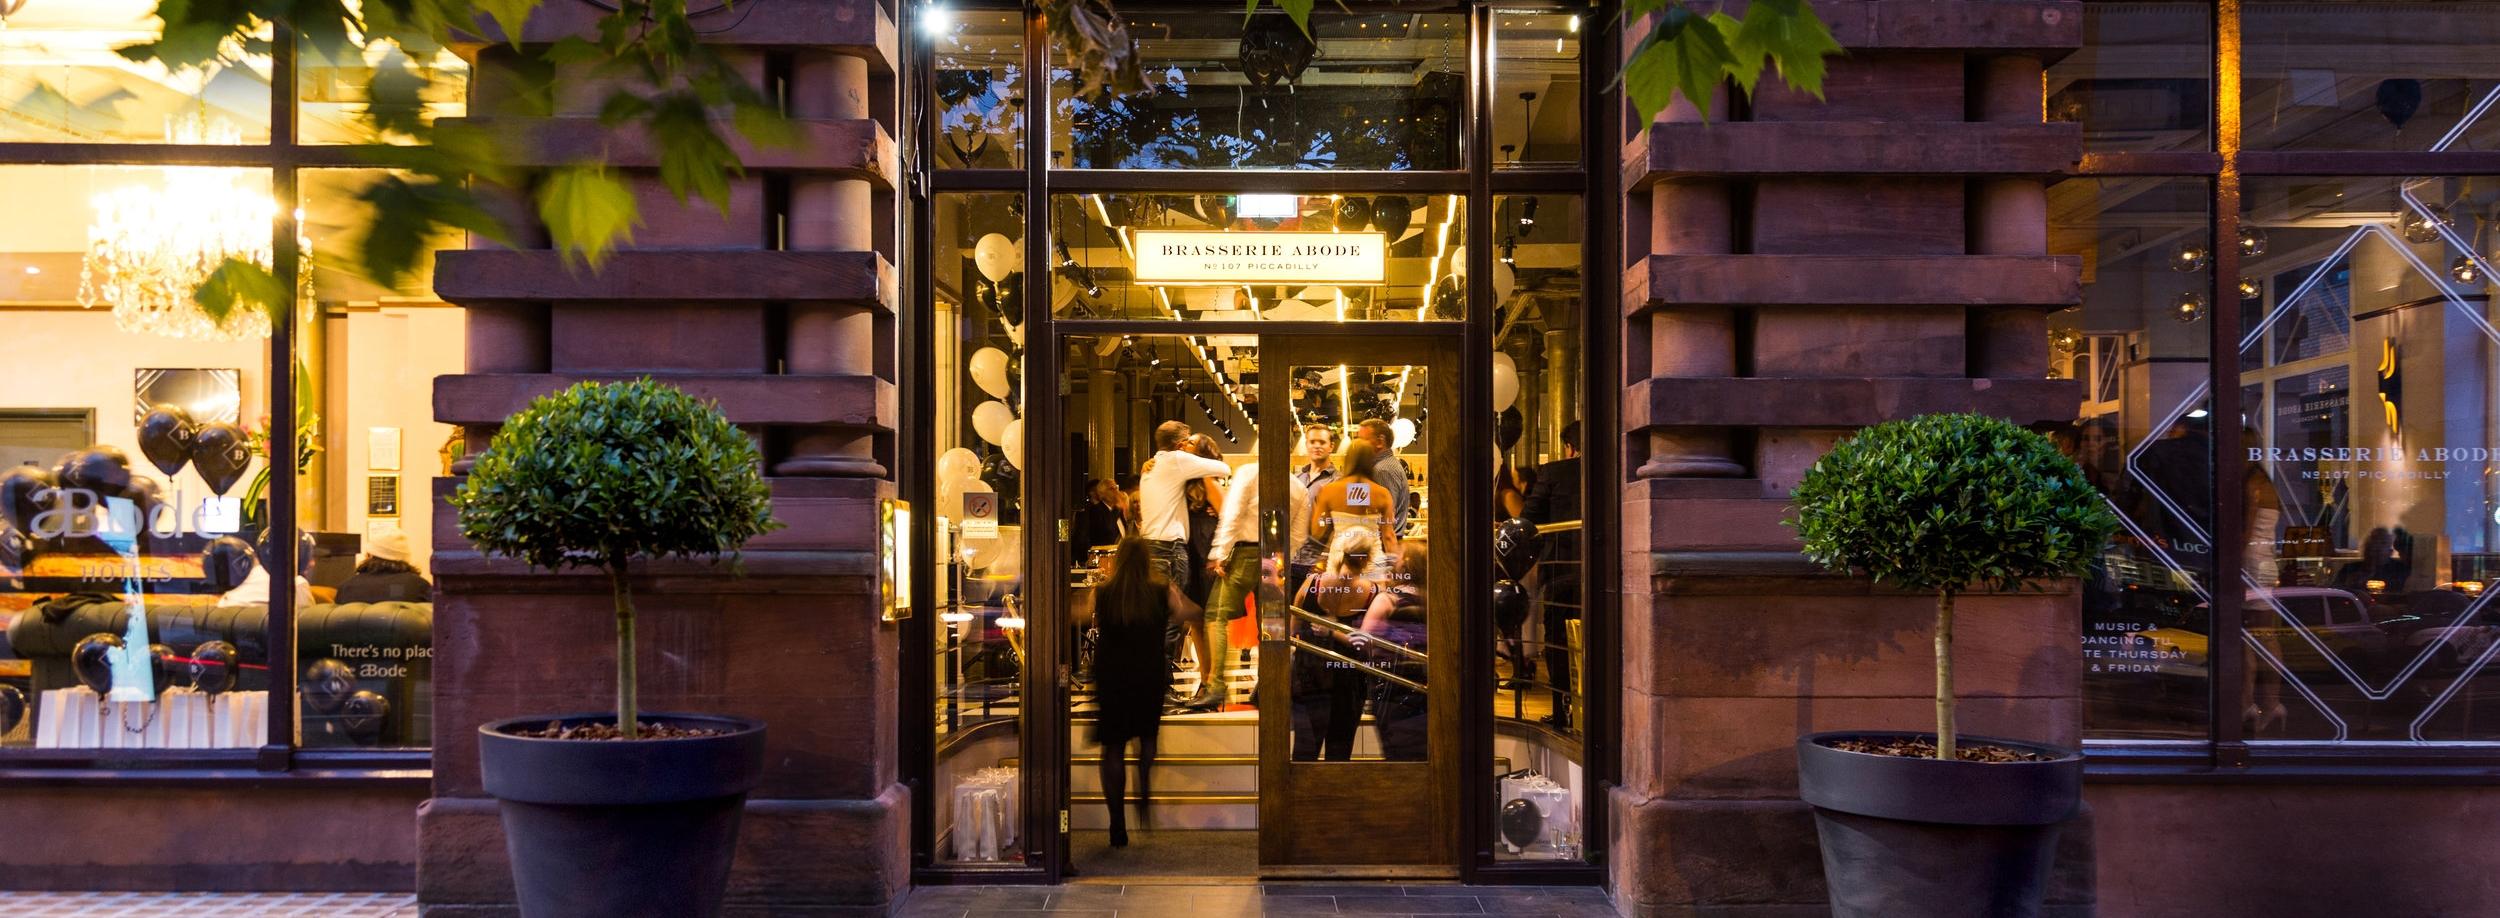 Manchester Brasserie Abode Bistro Style Dining Bar